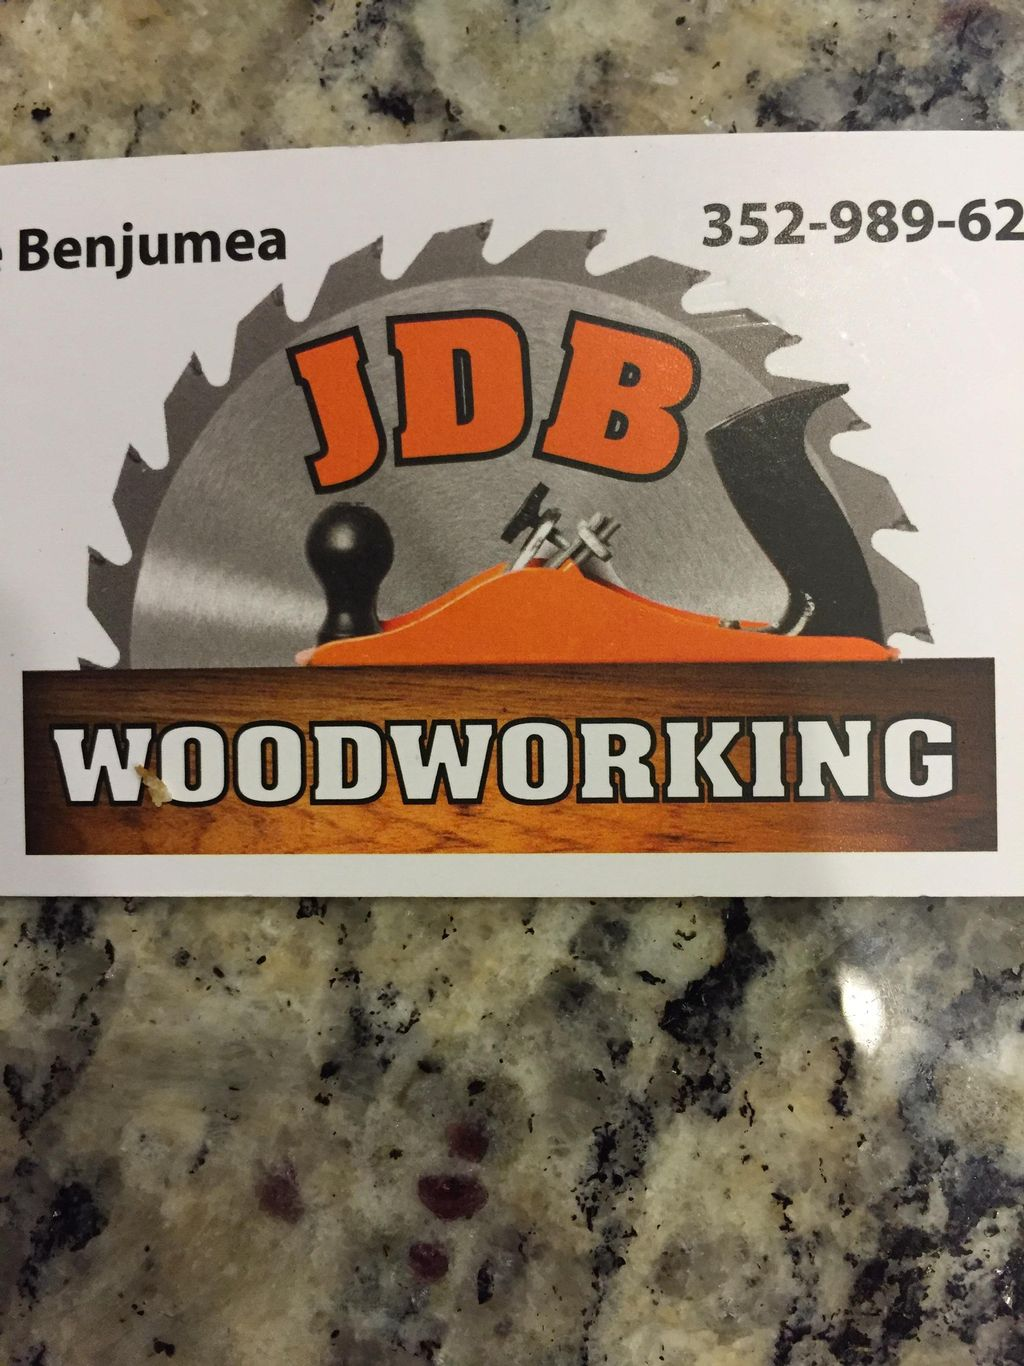 JDB Woodworking